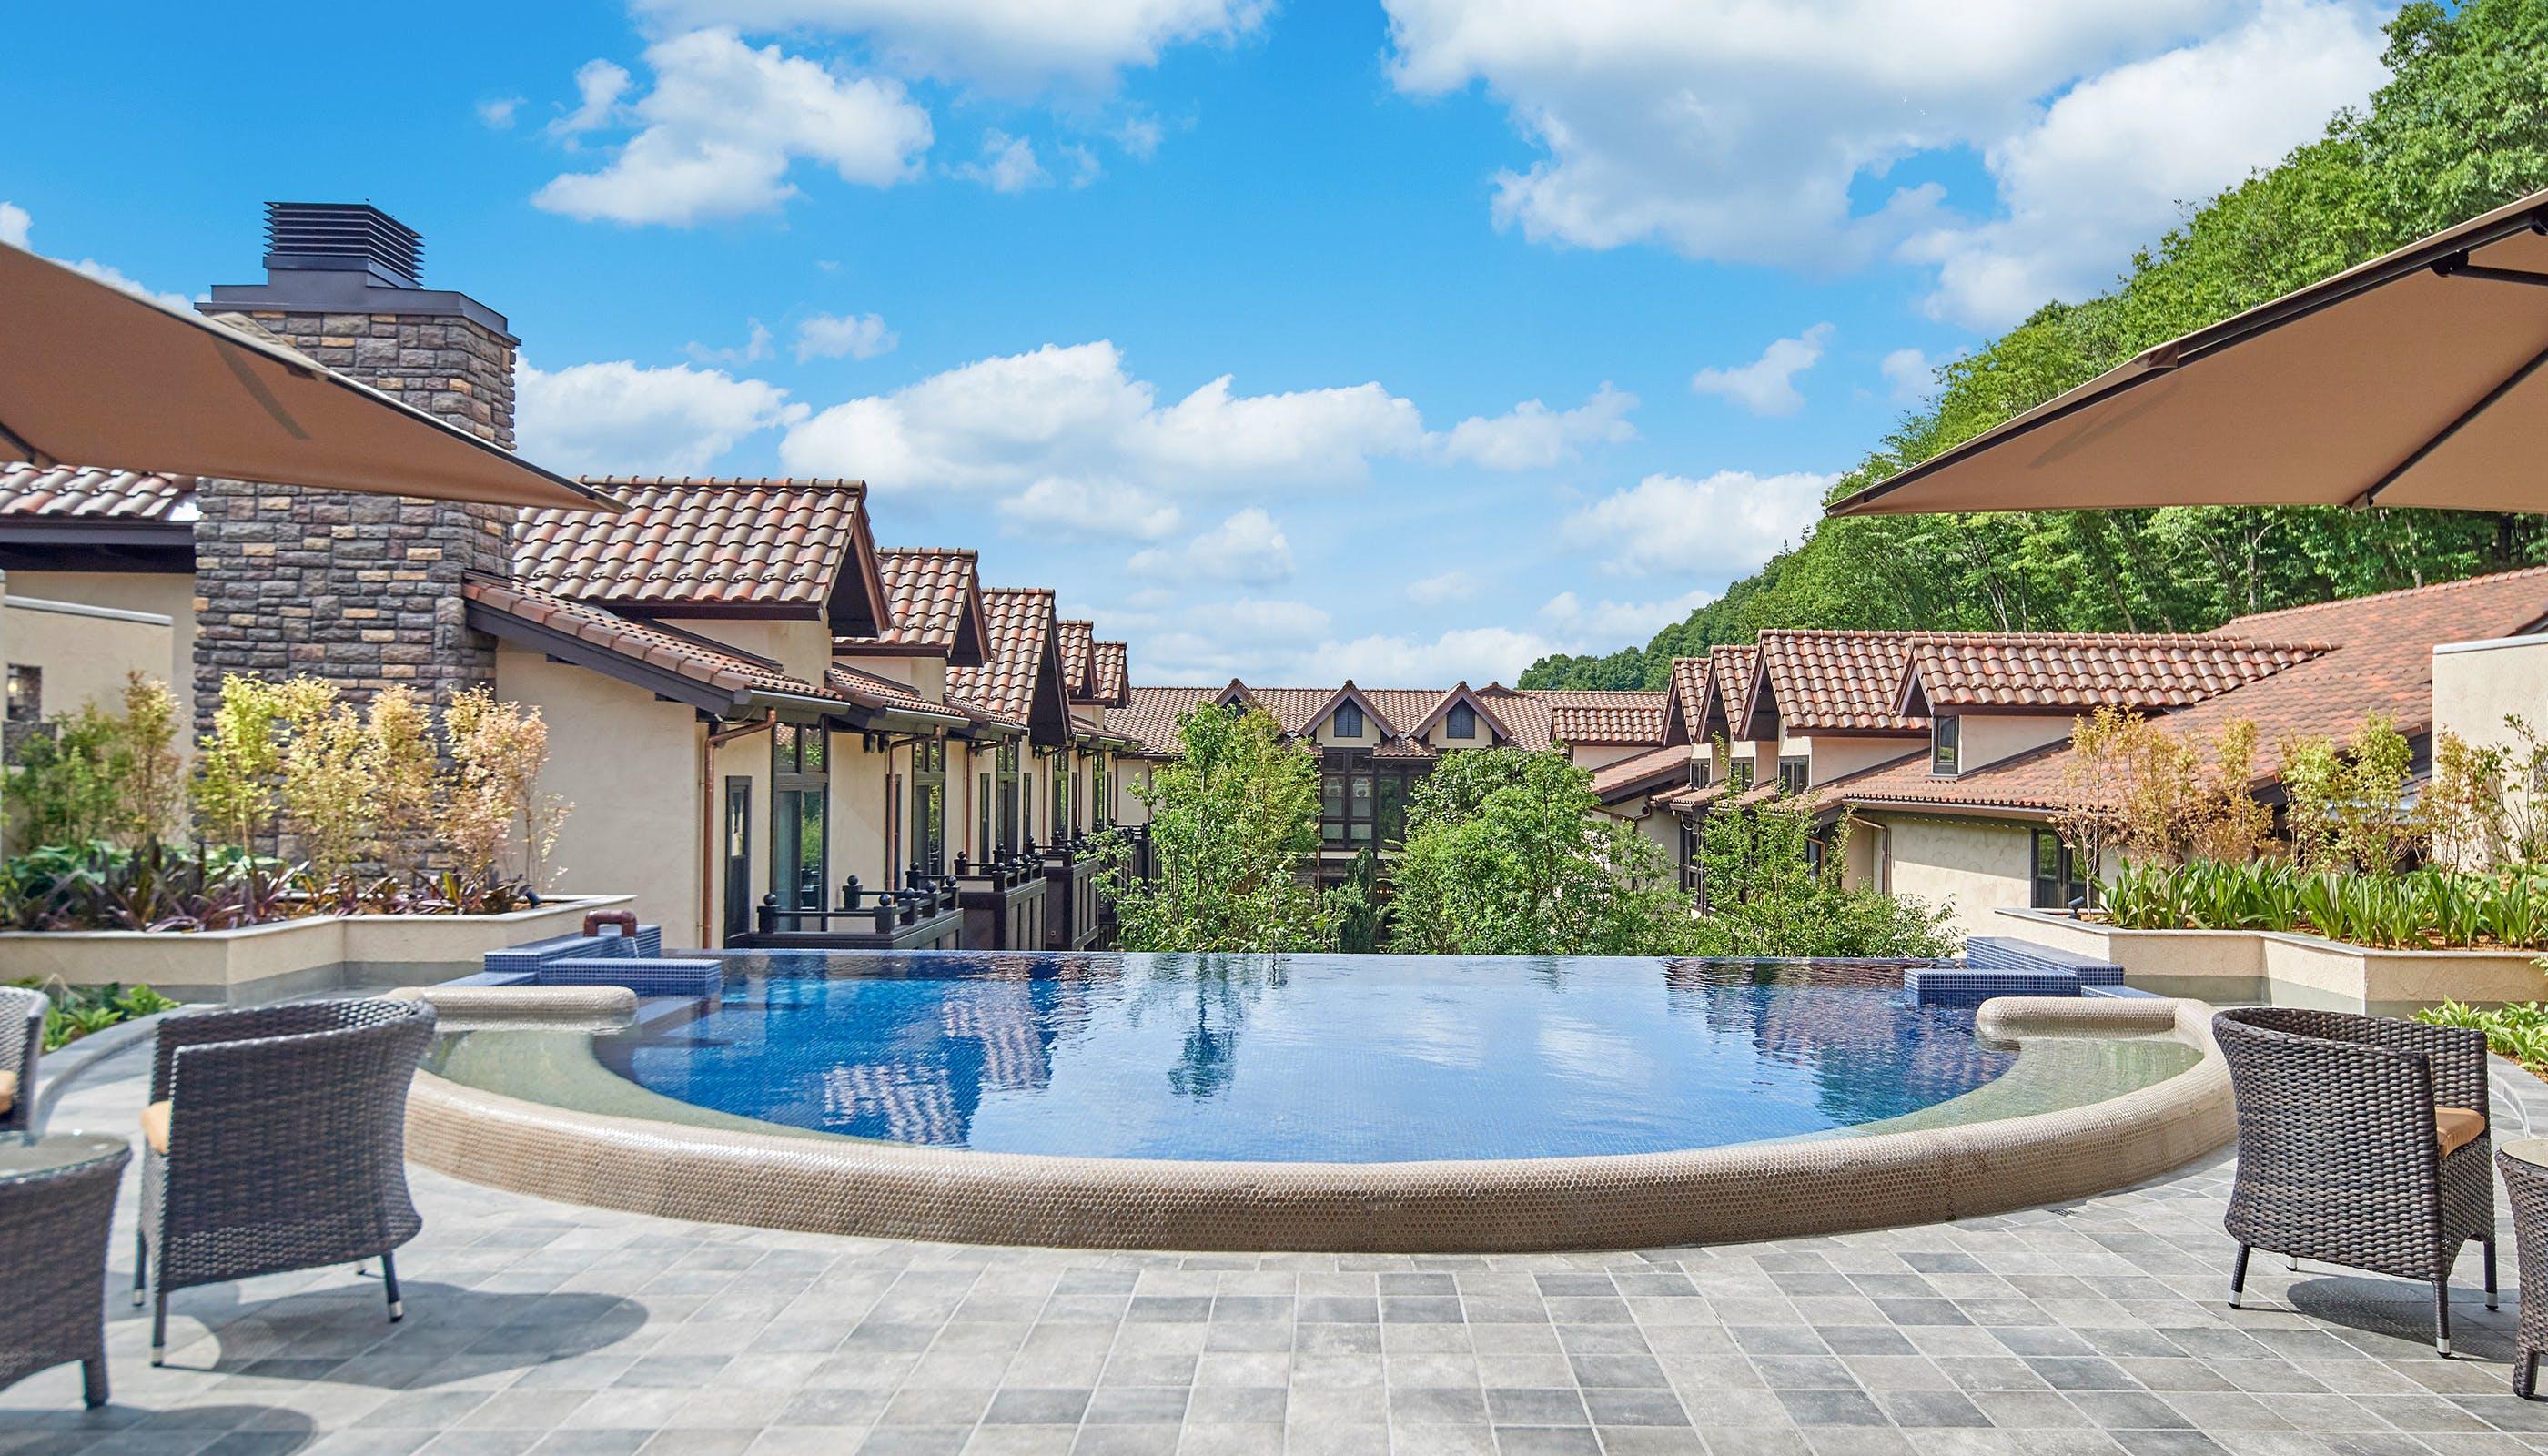 避暑地・長野でおすすめの温泉宿&リゾートホテル 5選